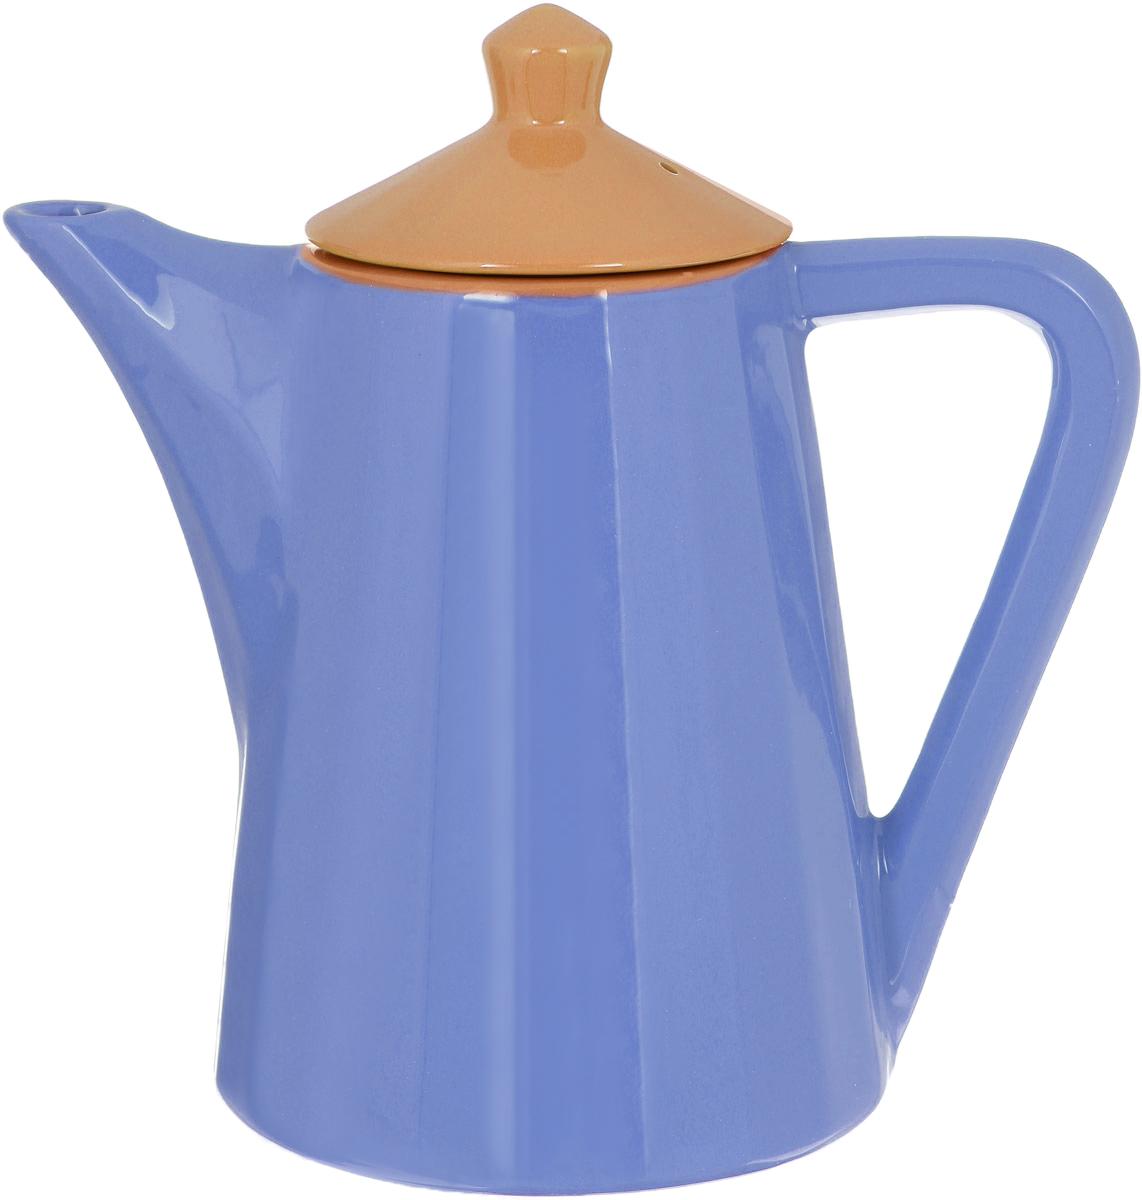 """Заварочный чайник Борисовская керамика """"Ностальгия"""" изготовлен из высококачественной керамики и имеет глазурованное покрытие. Благодаря такому материалу чай дольше сохраняет свою температуру. Изысканный дизайн придется по вкусу и ценителям классики и тем, кто предпочитает современный стиль.Объем: 800 мл."""